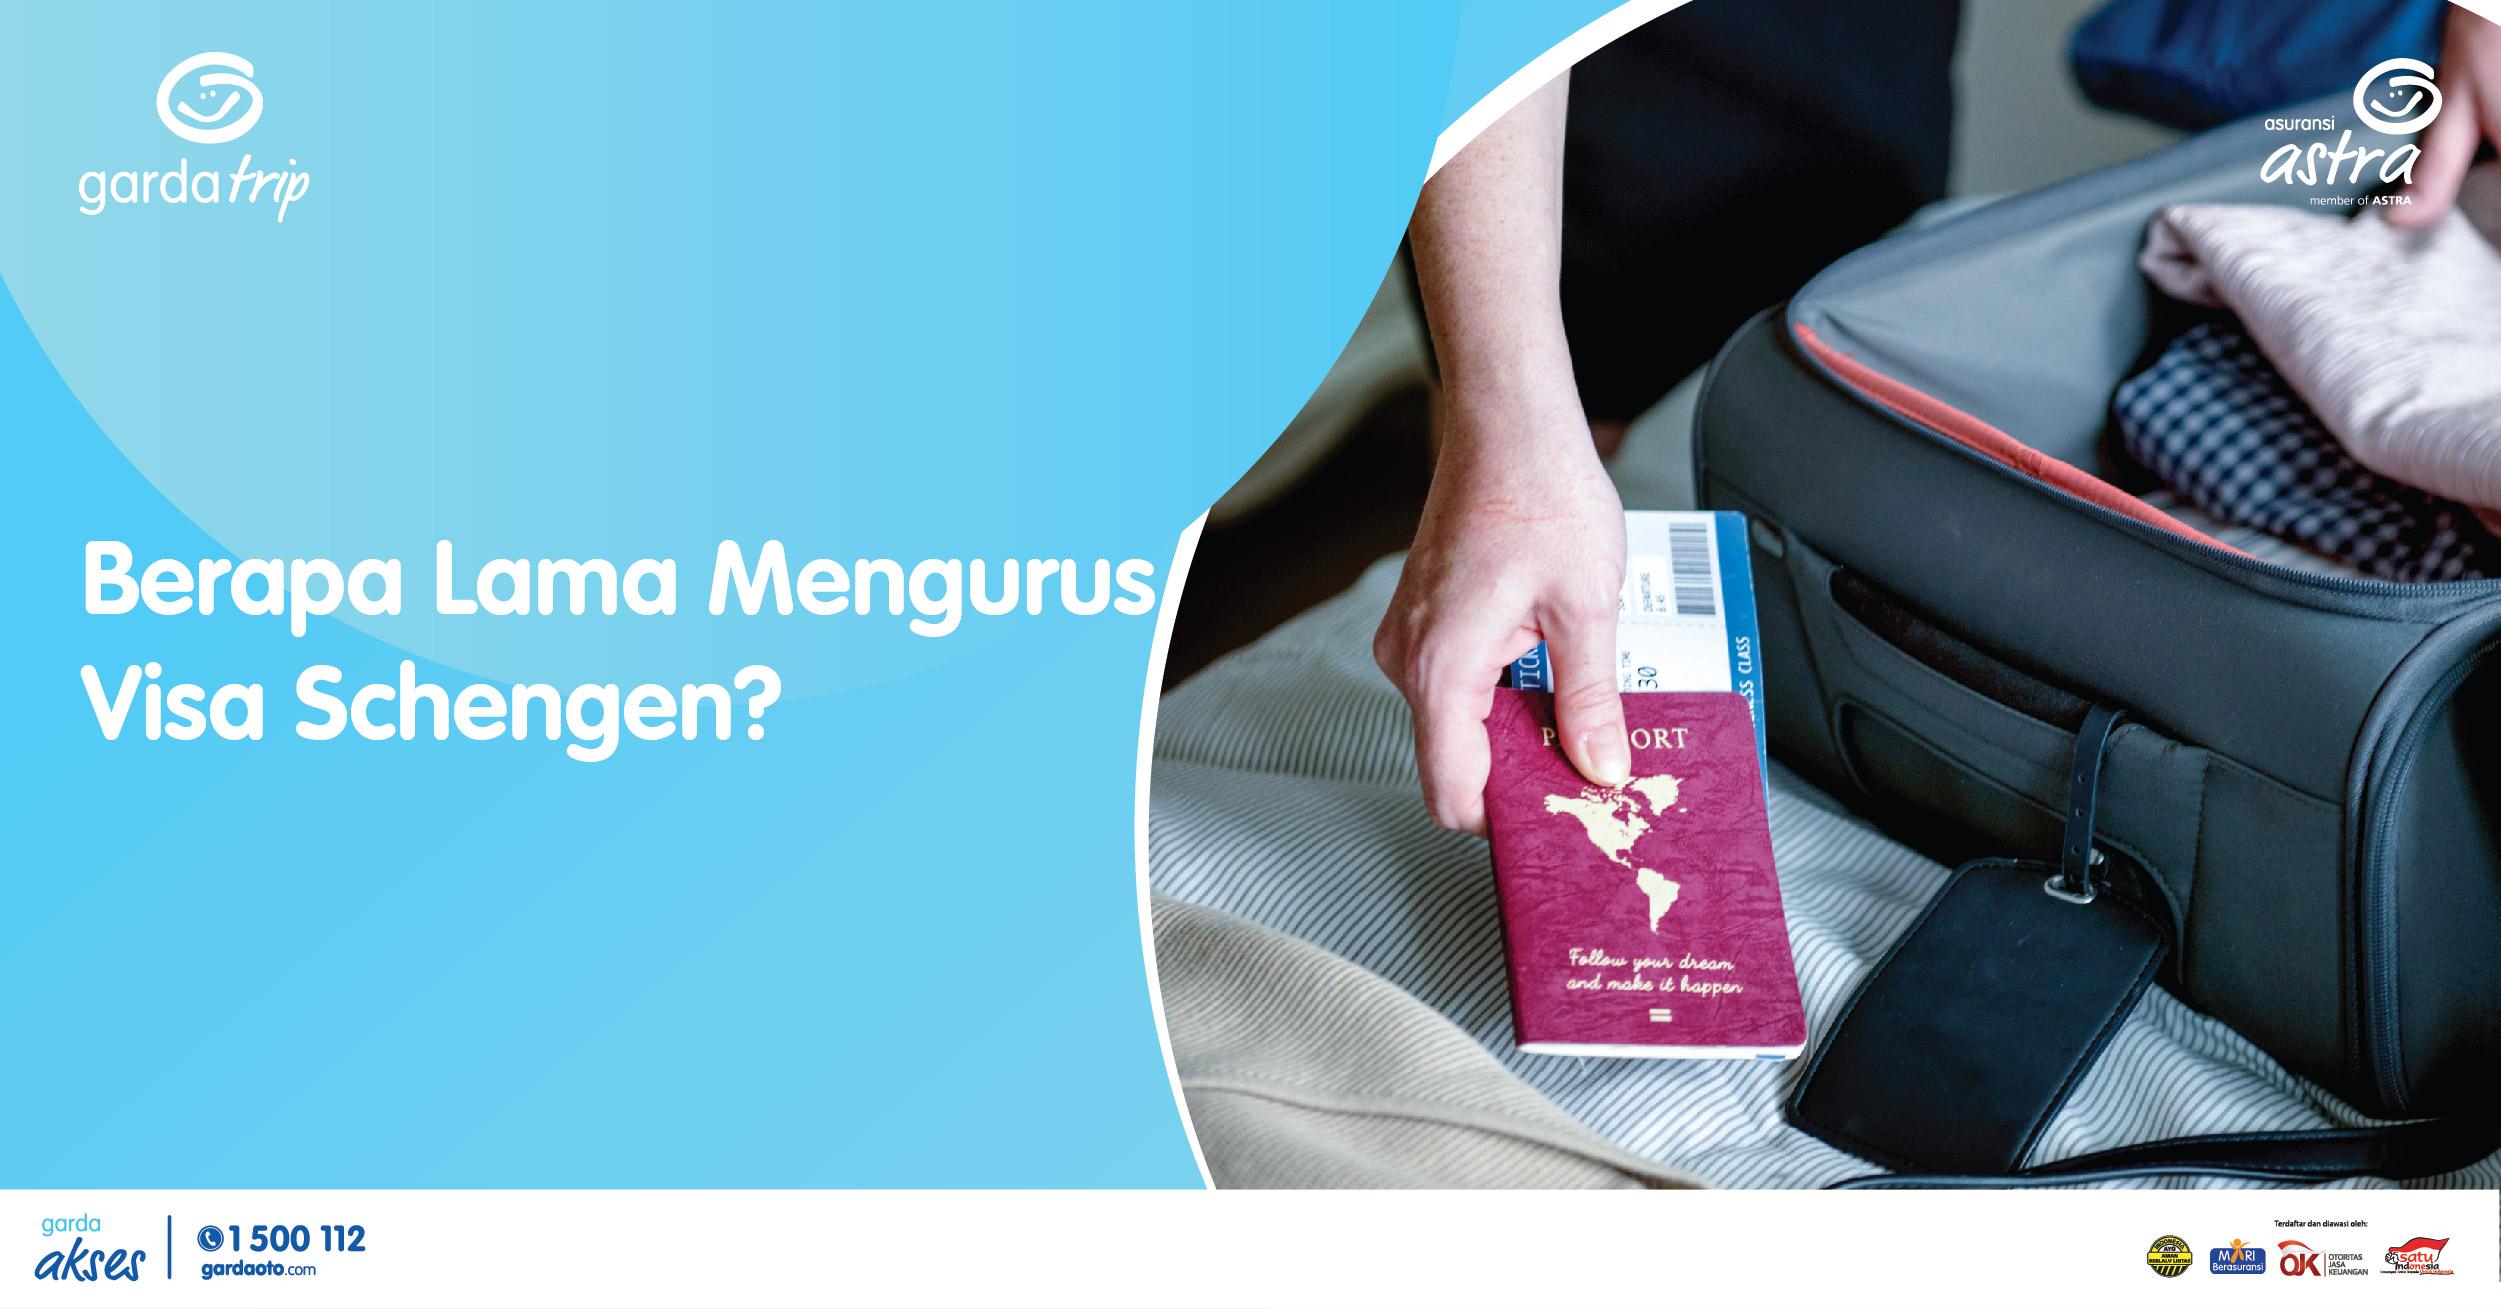 Berapa Lama Mengurus Visa Schengen?